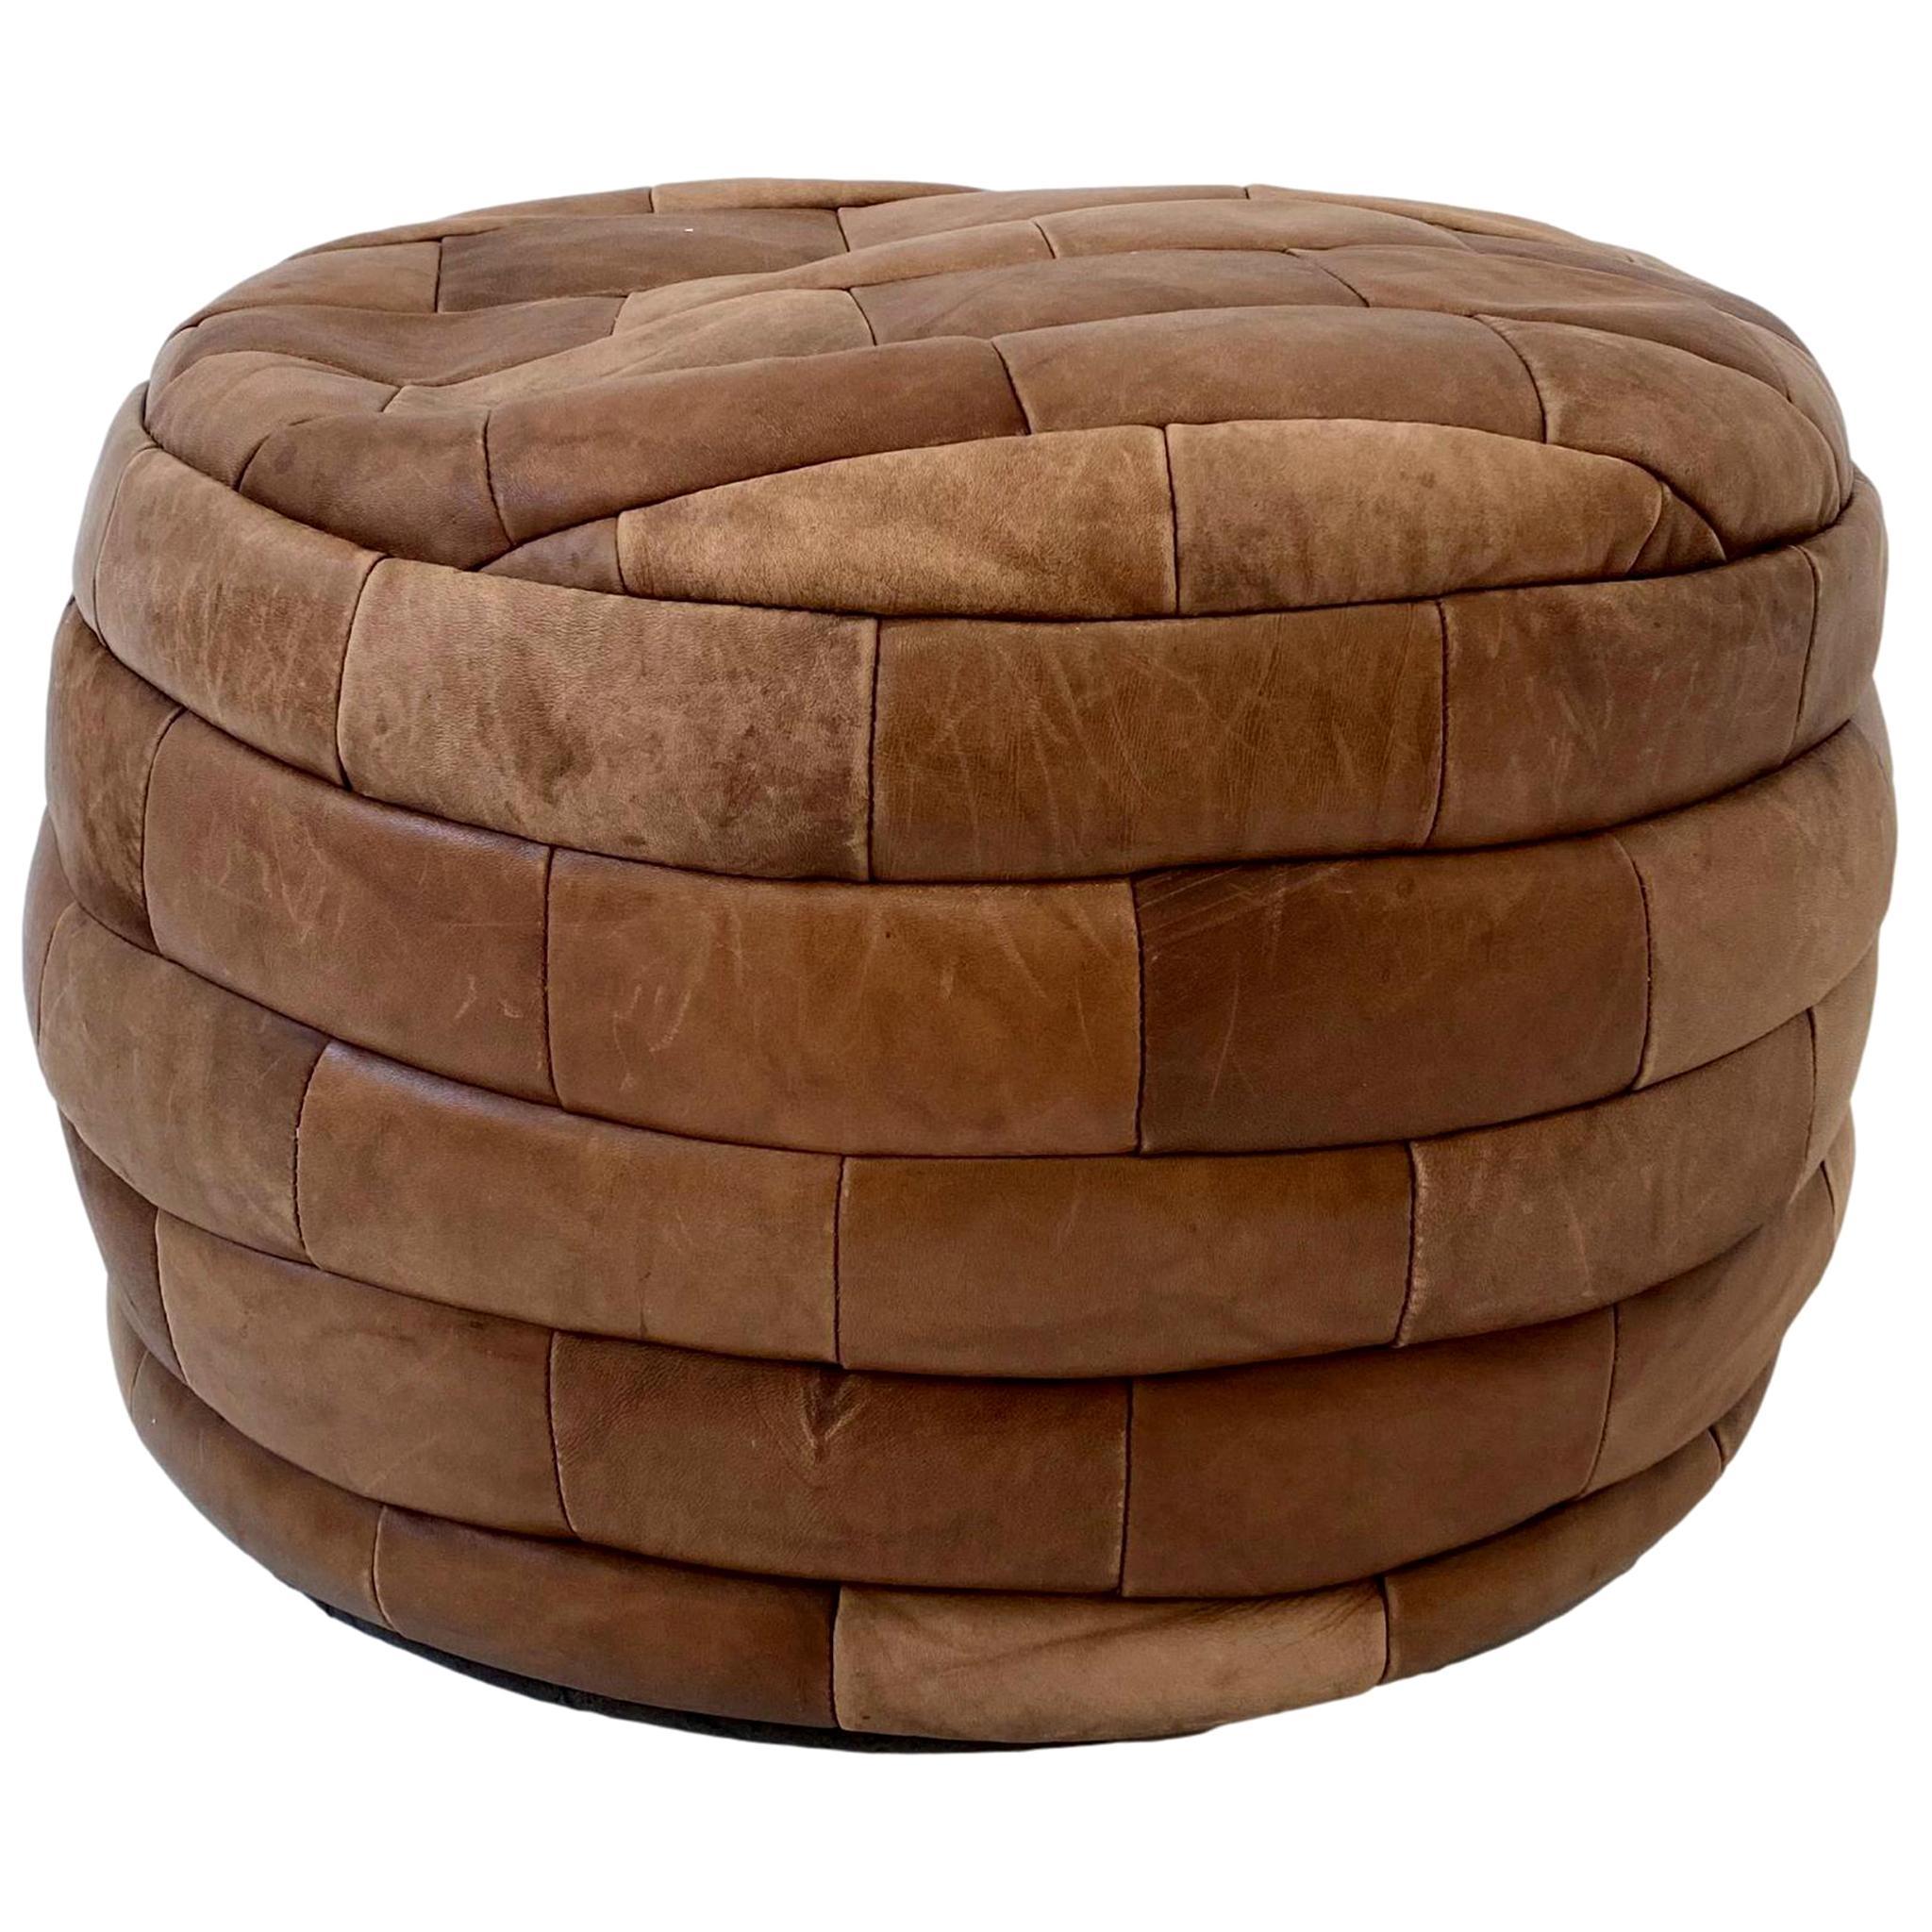 De Sede Patchwork Light Brown Leather Pouf